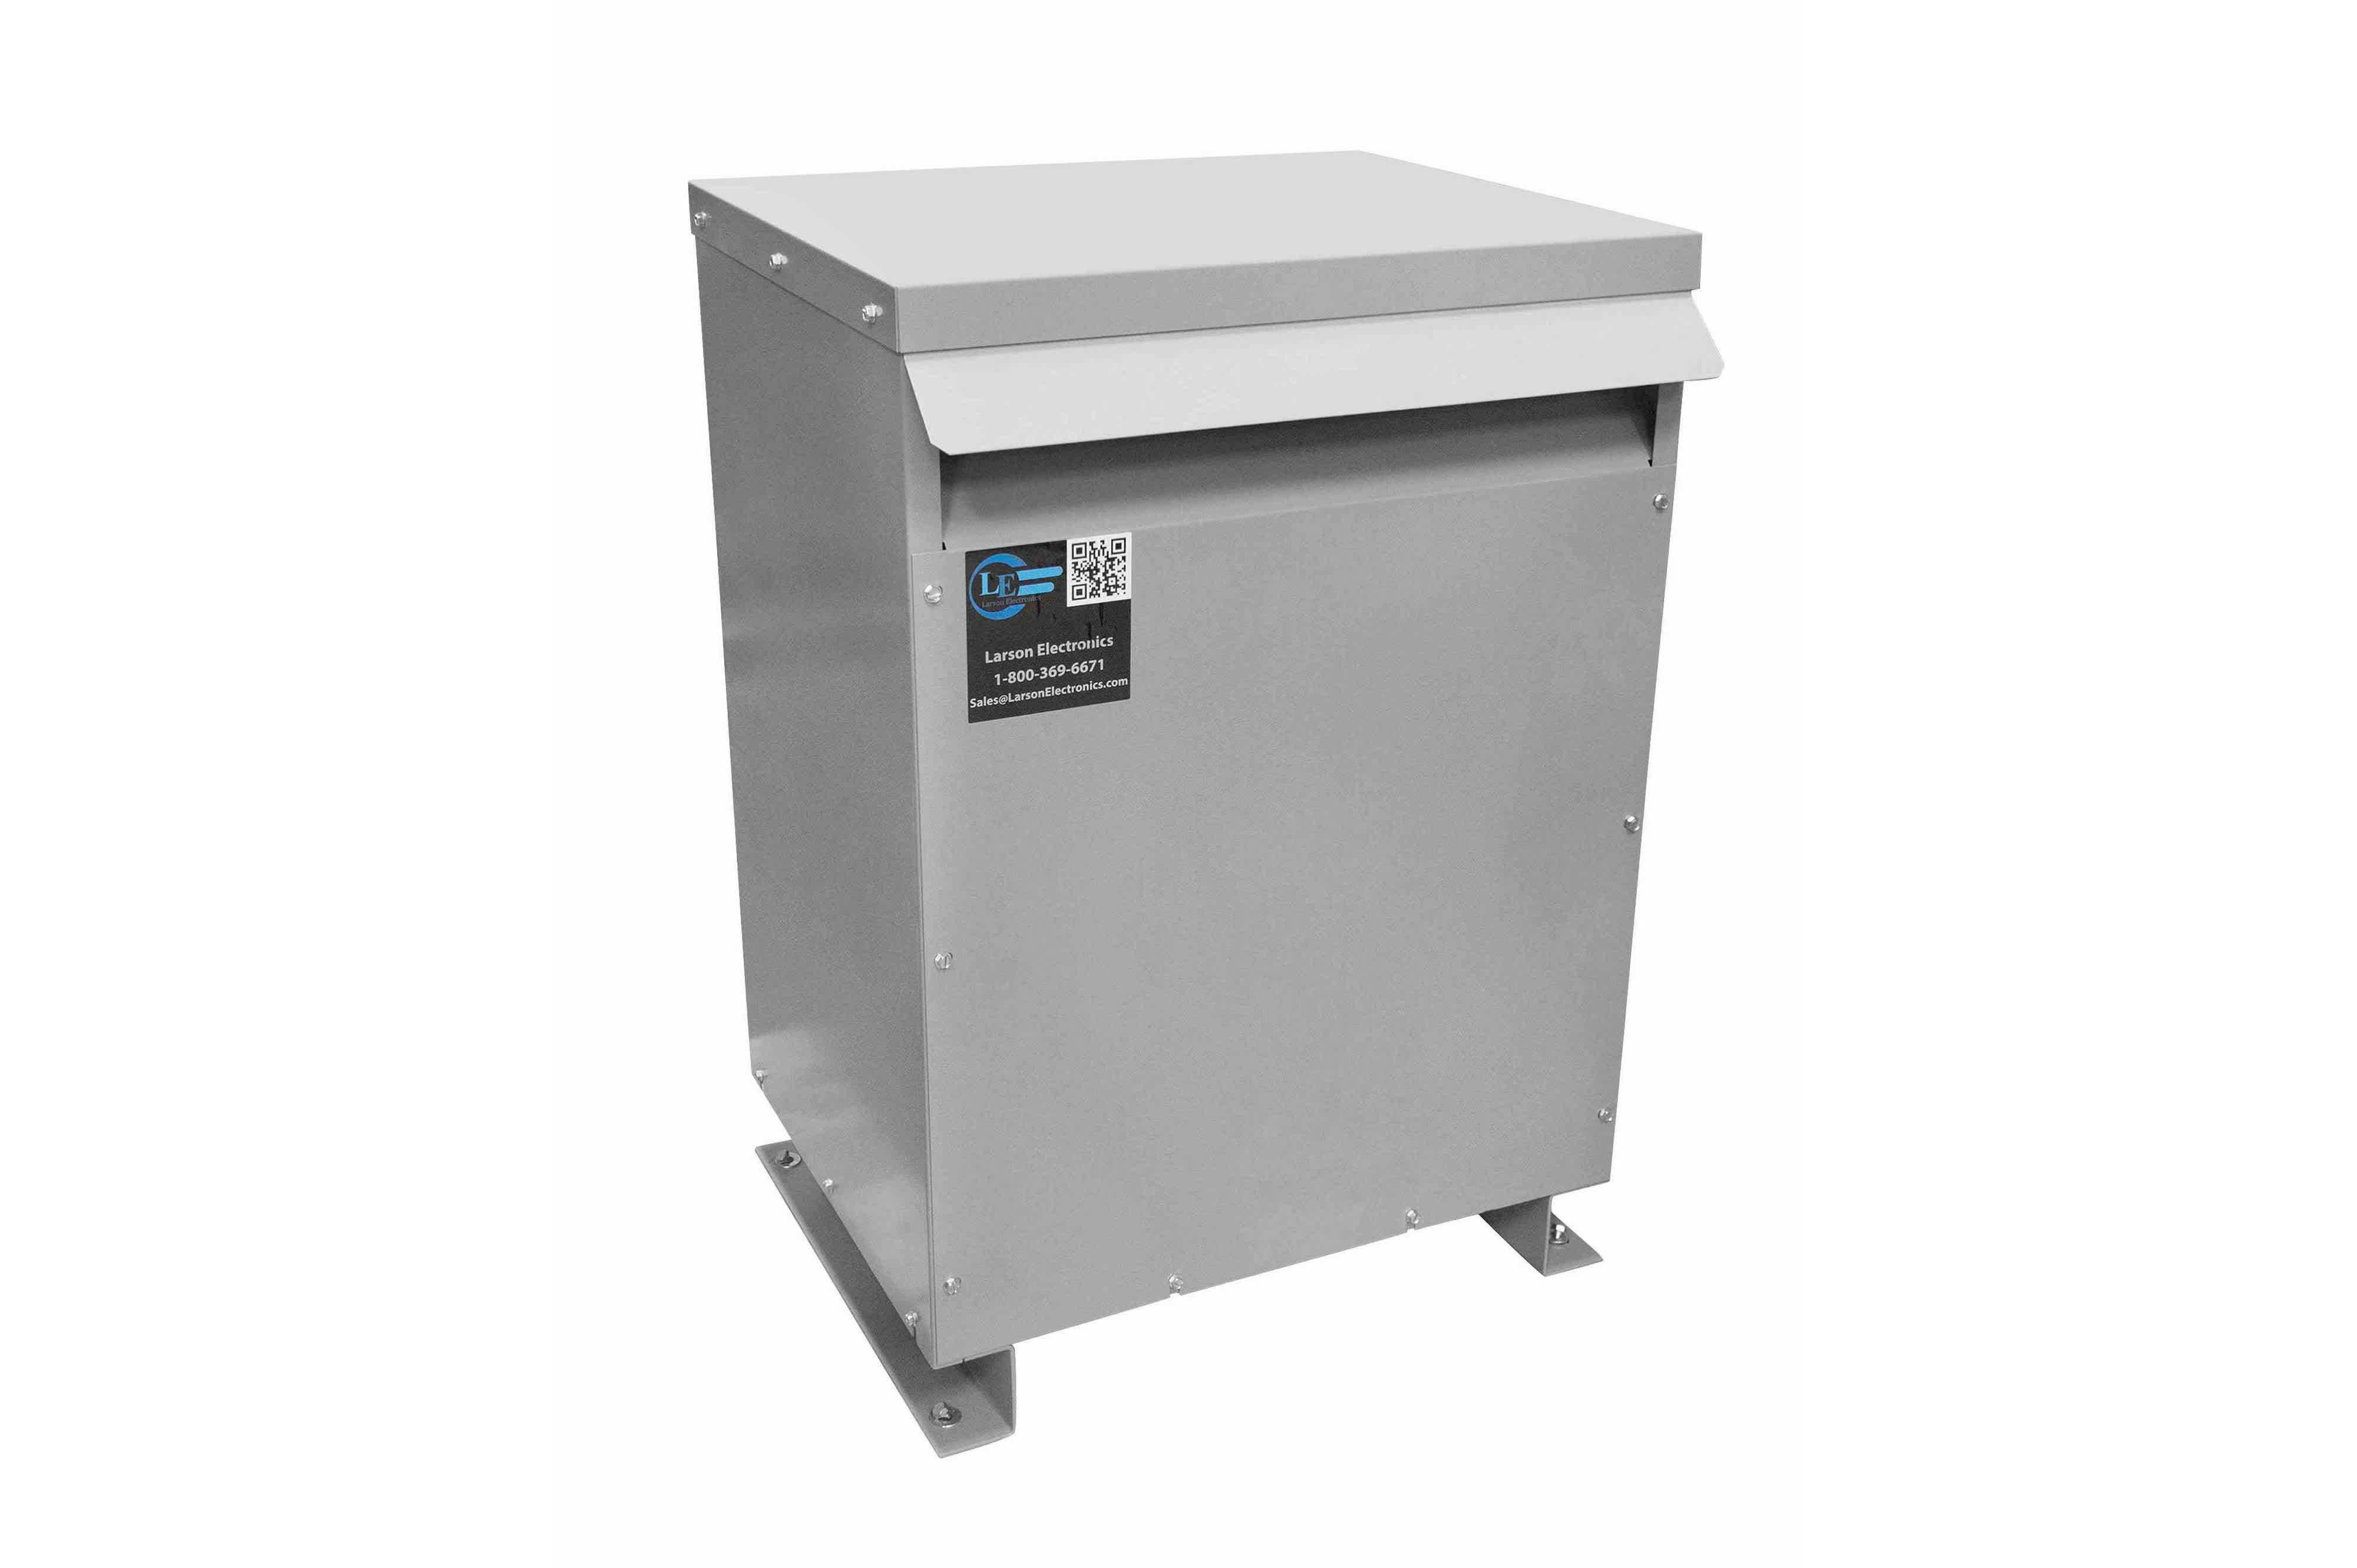 45 kVA 3PH Isolation Transformer, 480V Delta Primary, 208V Delta Secondary, N3R, Ventilated, 60 Hz